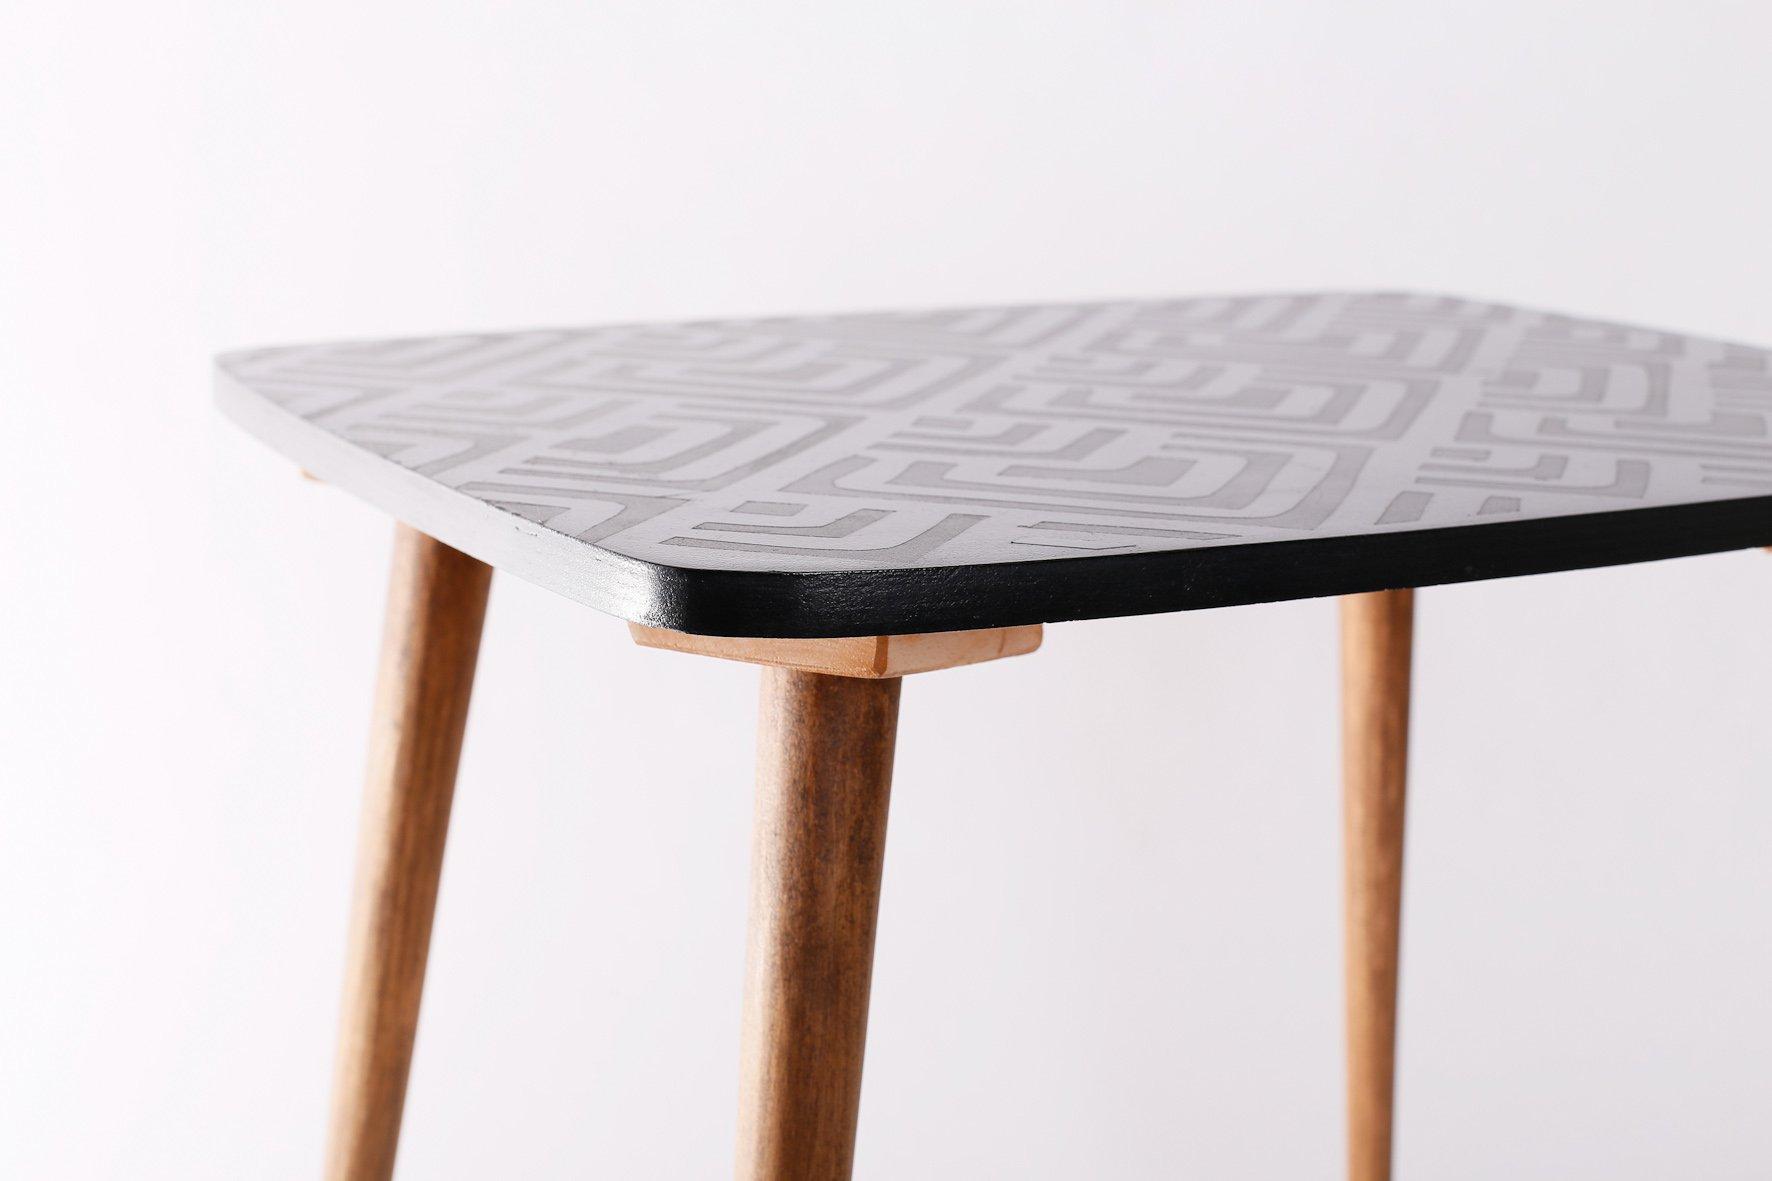 table d 39 appoint vintage avec motif g om trique 1960s en vente sur pamono. Black Bedroom Furniture Sets. Home Design Ideas